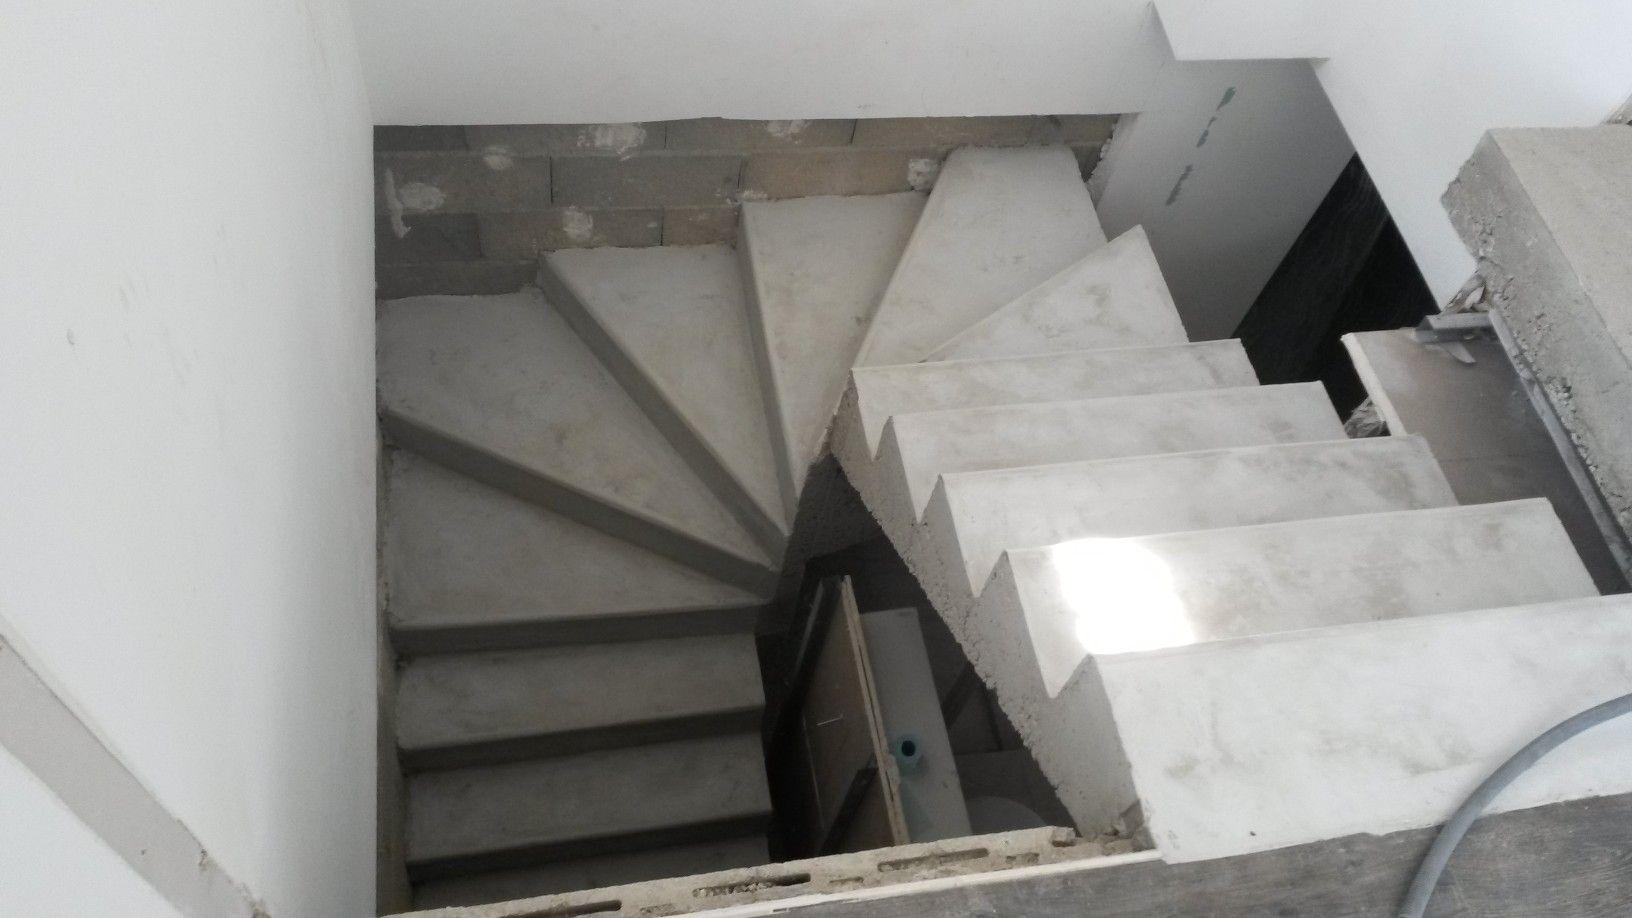 Escalier 1 4 Tournant Brico Depot Avec Escalier Demi Tournant Beton Idees Et Escalier Demi Tournant Beton Escalier Demi Tournant Escalier En Colimacon Escalier